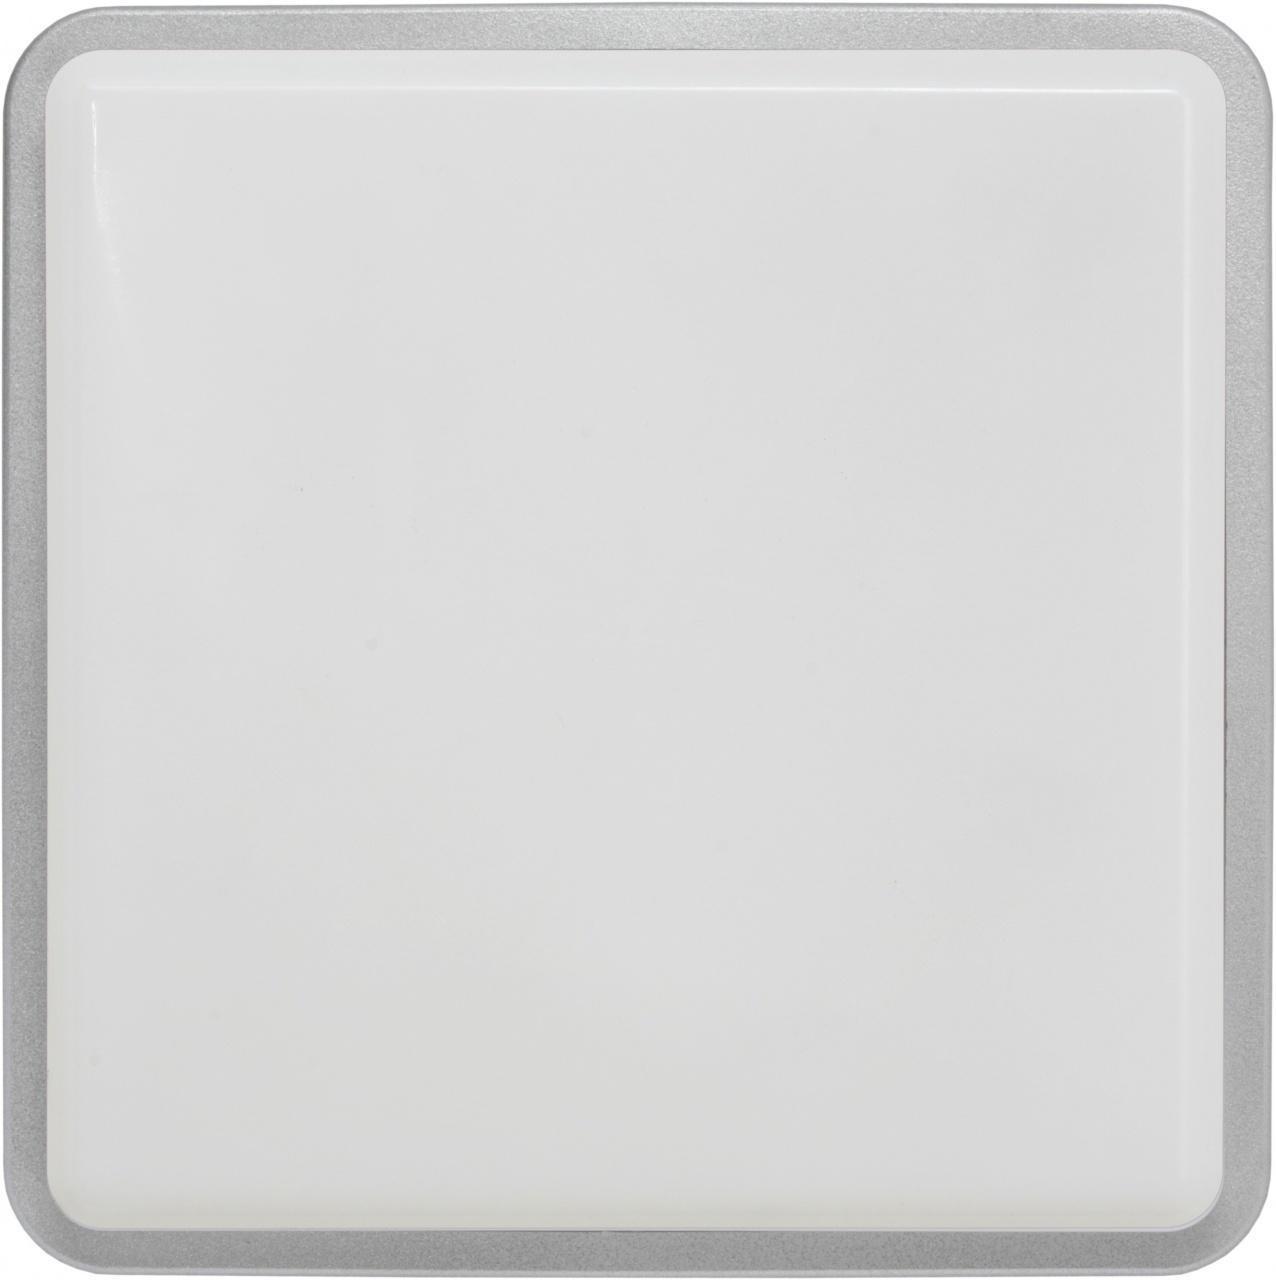 настенный светильник nowodvorski tahoe 3242 Настенный светильник Nowodvorski 3243, белый